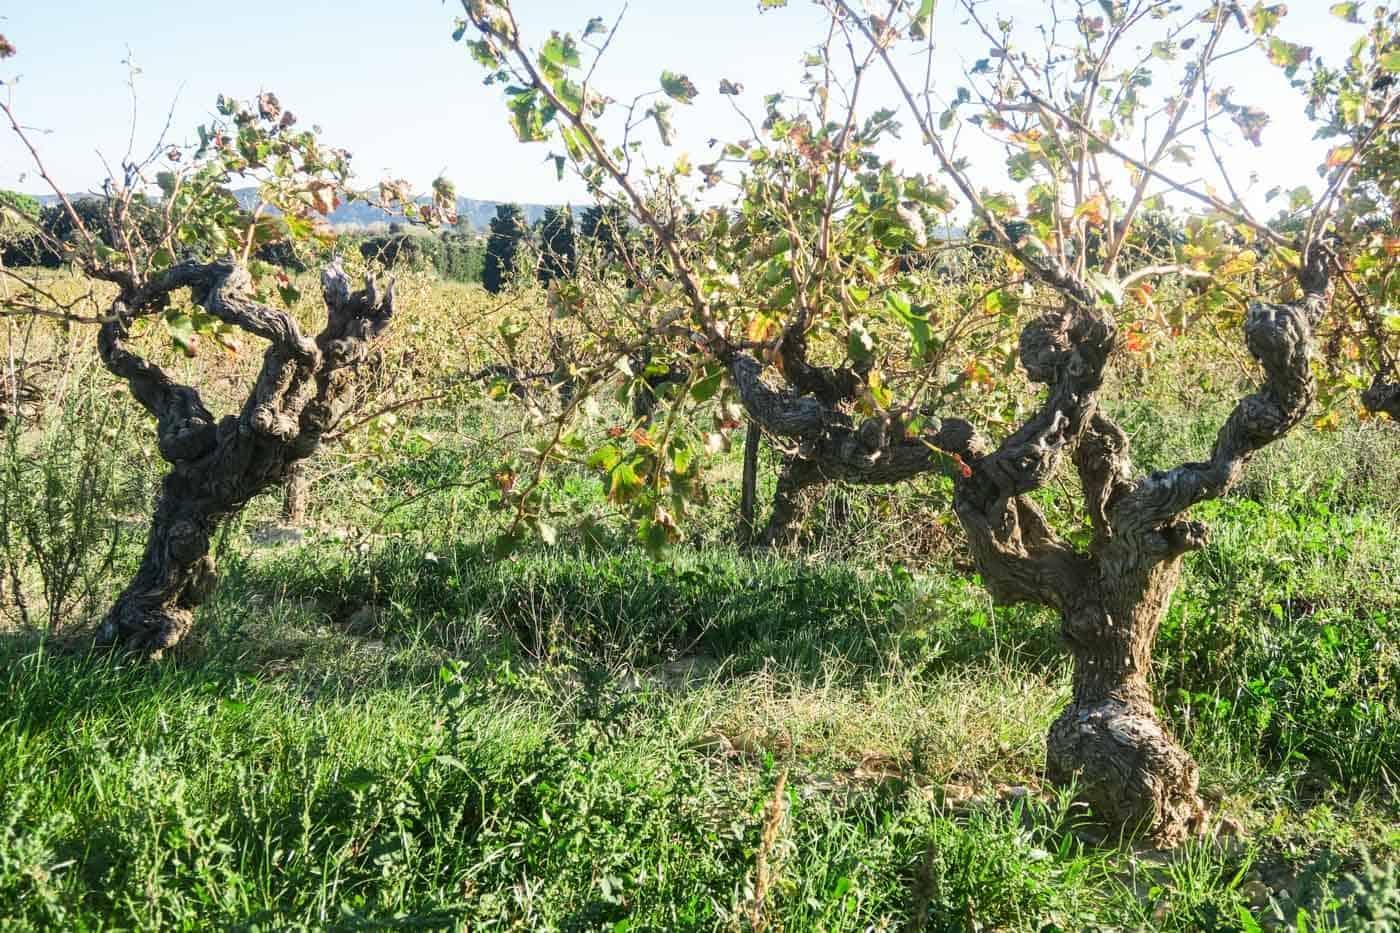 Vieilles vignes: hoe ouder hoe beter?